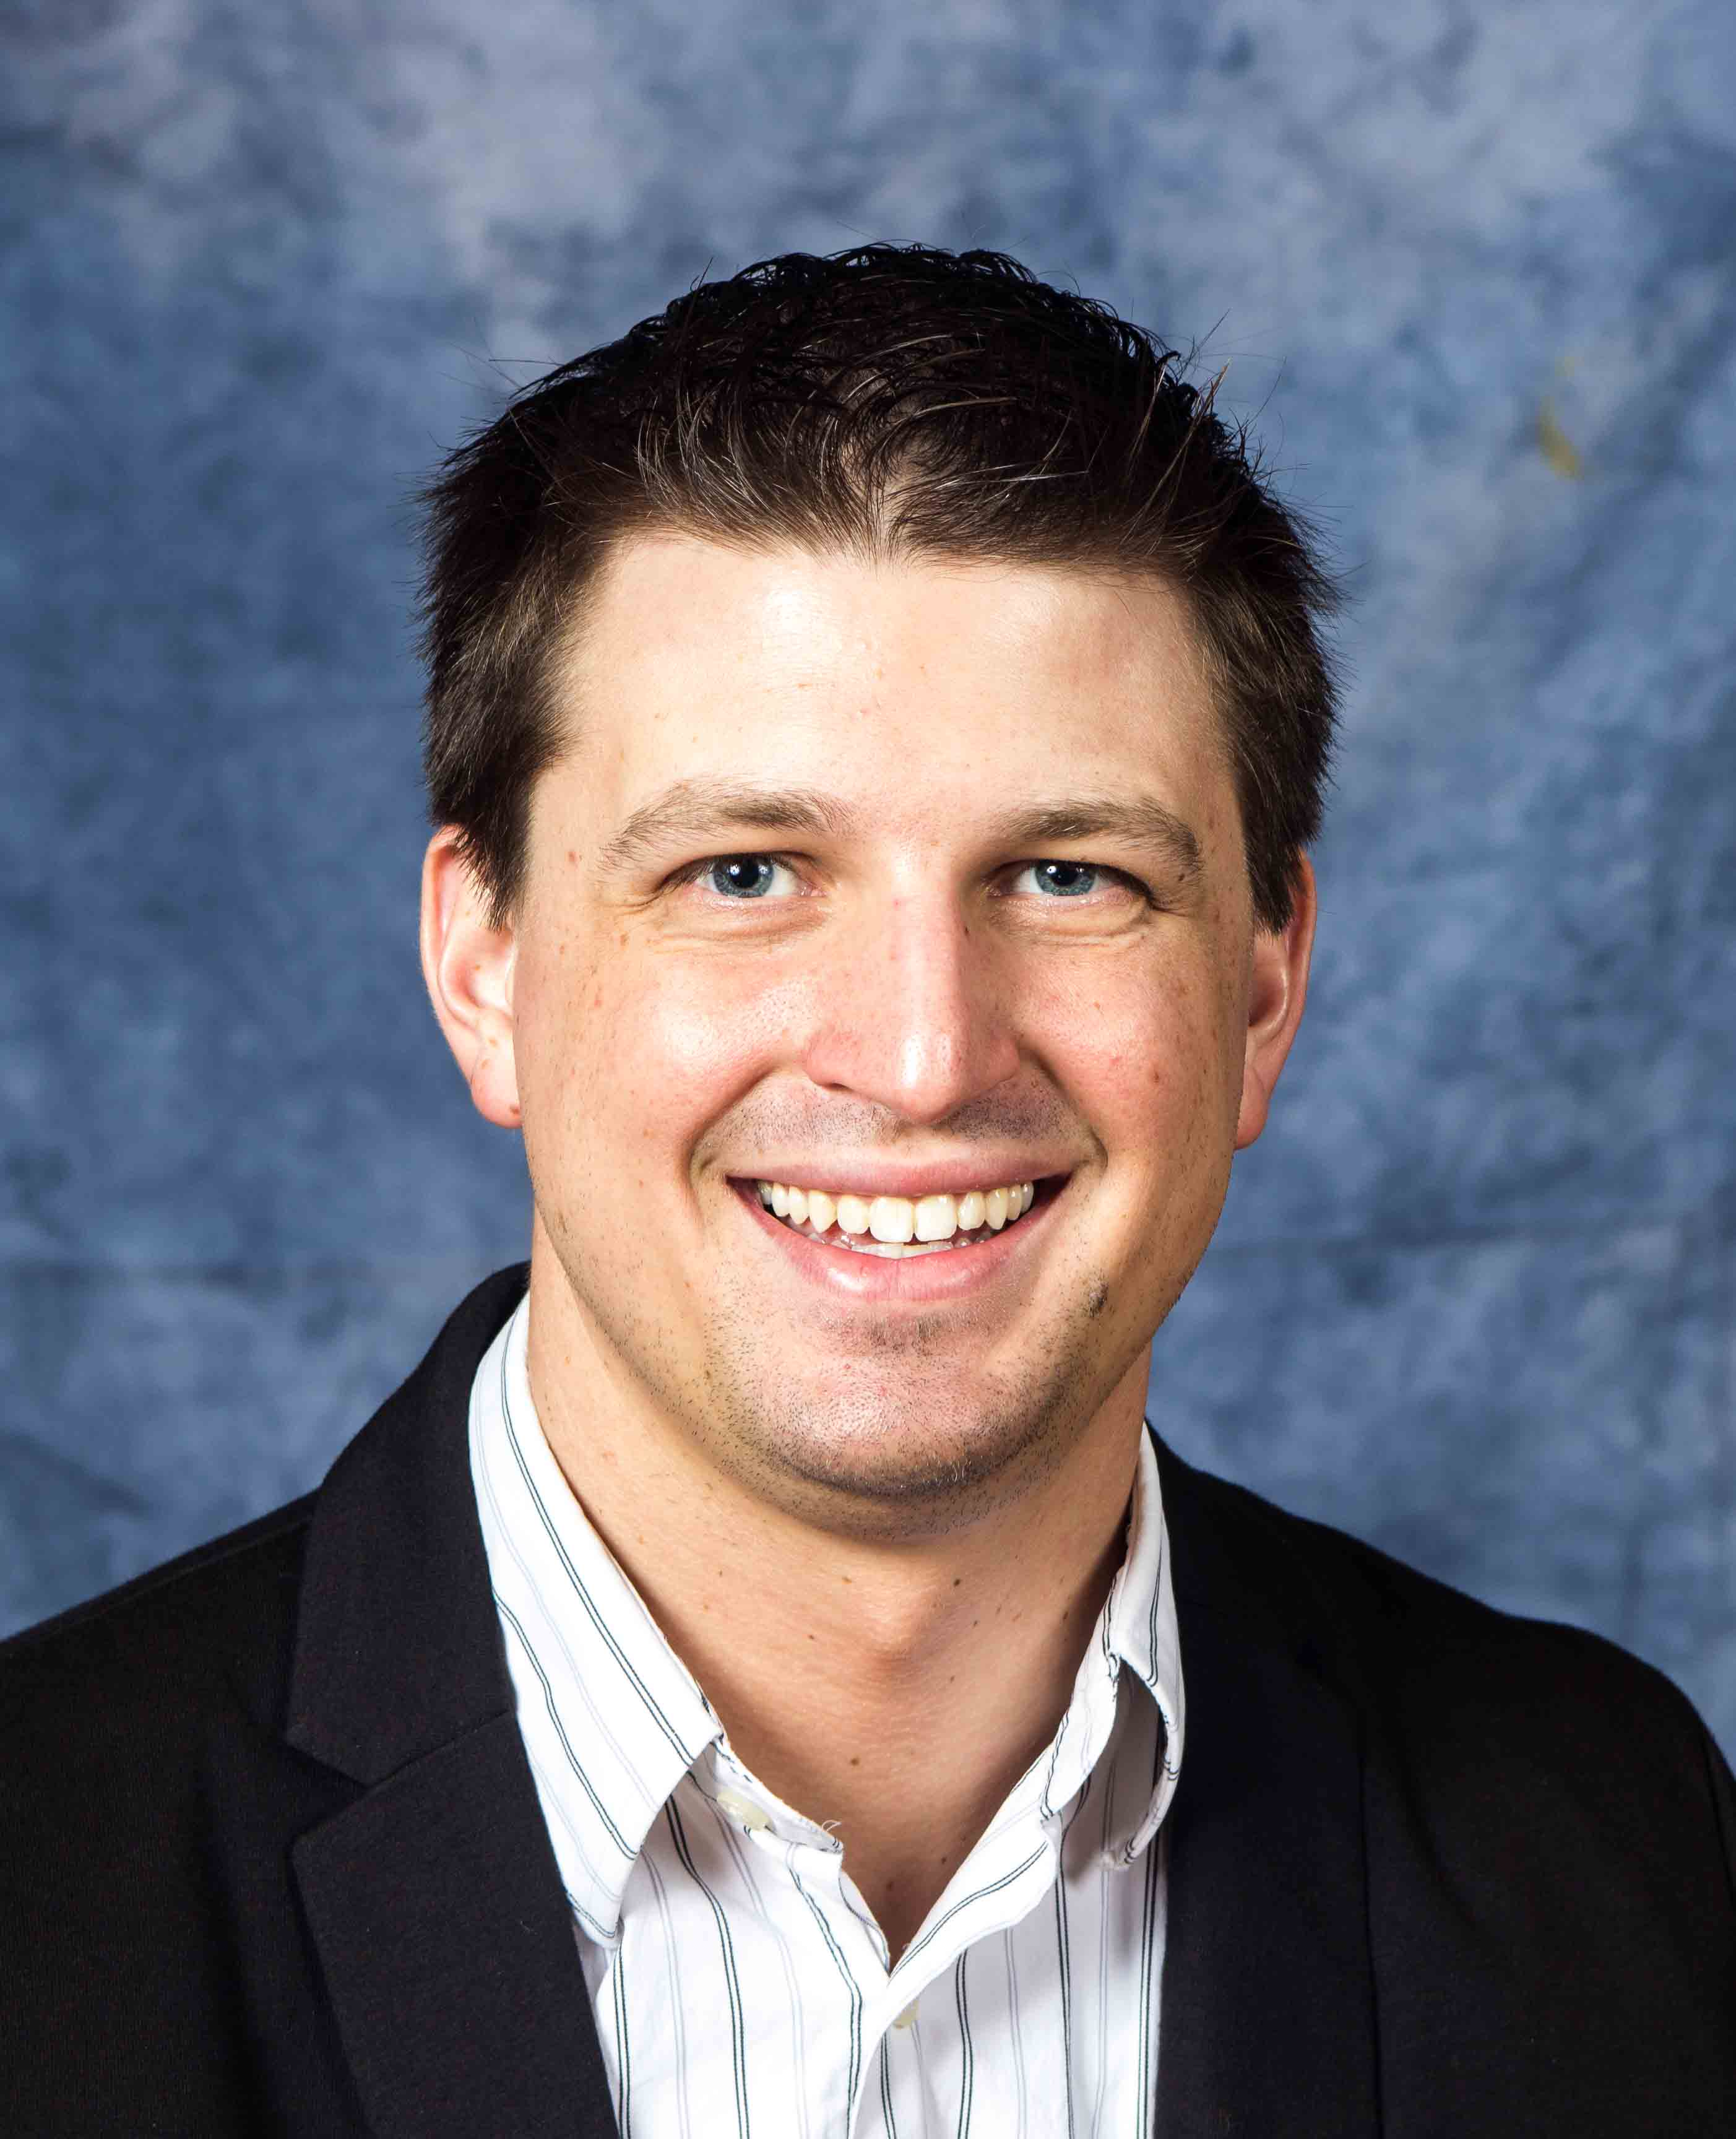 Kyle Stumpf